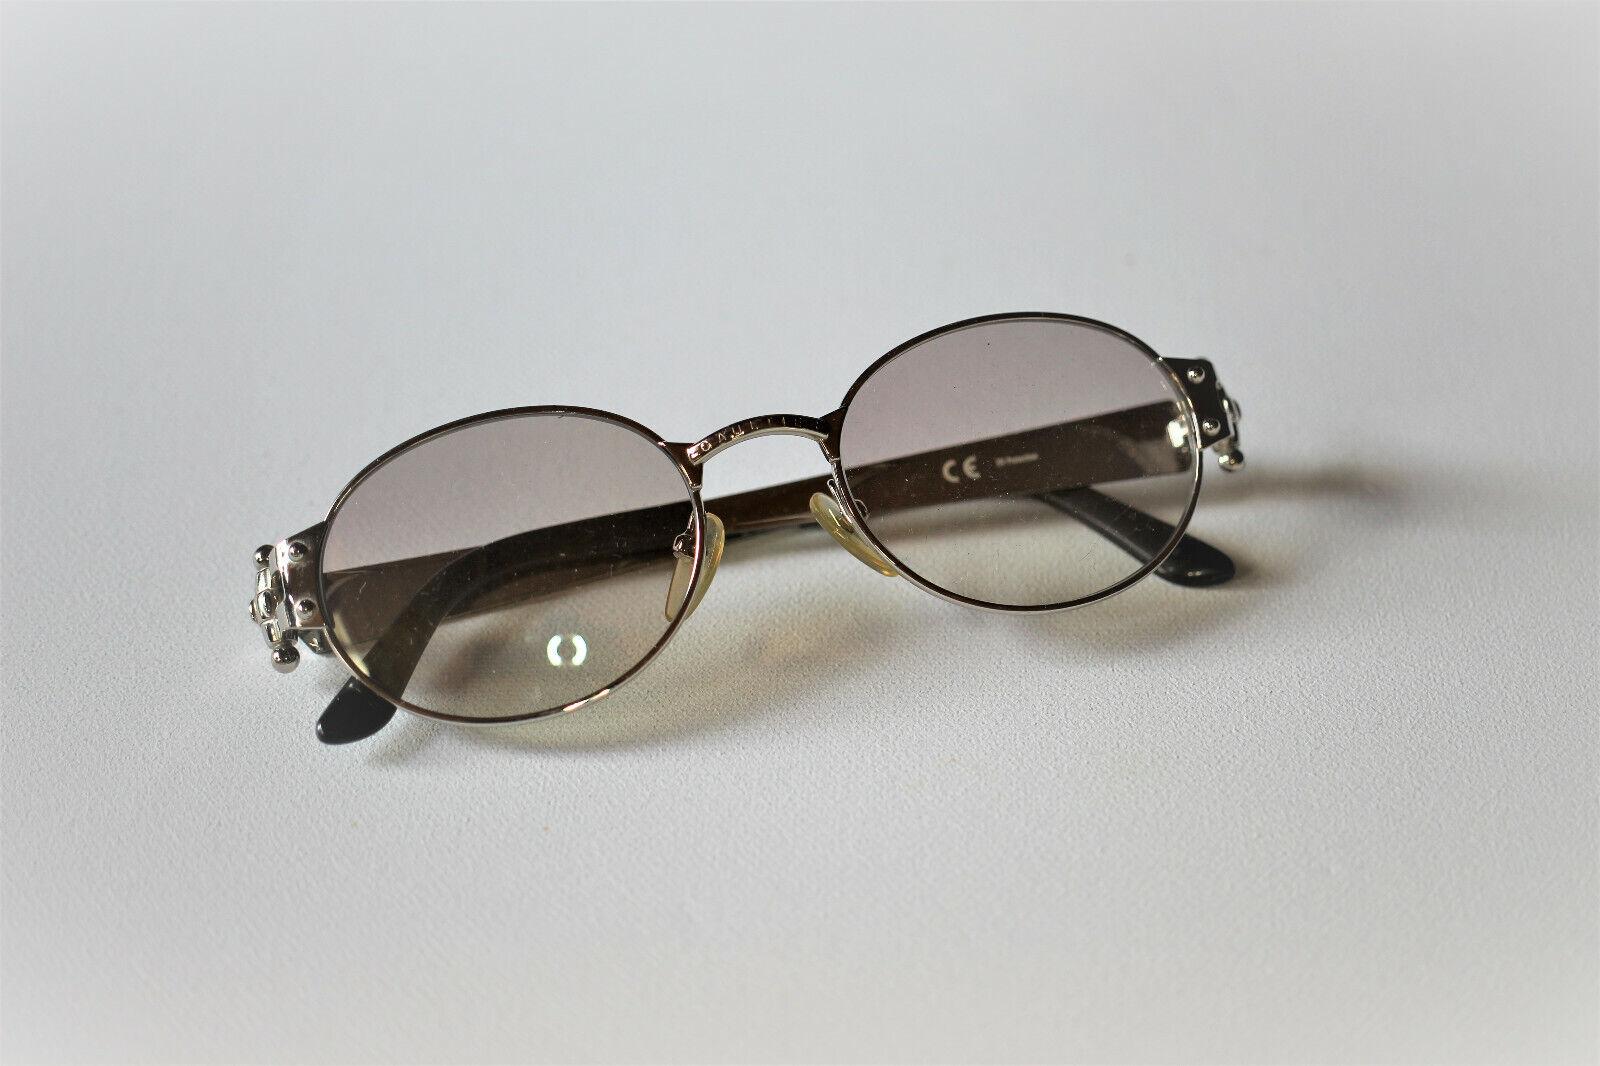 Jean Paul Gaultier 56-6104 Sunglasses-show original title